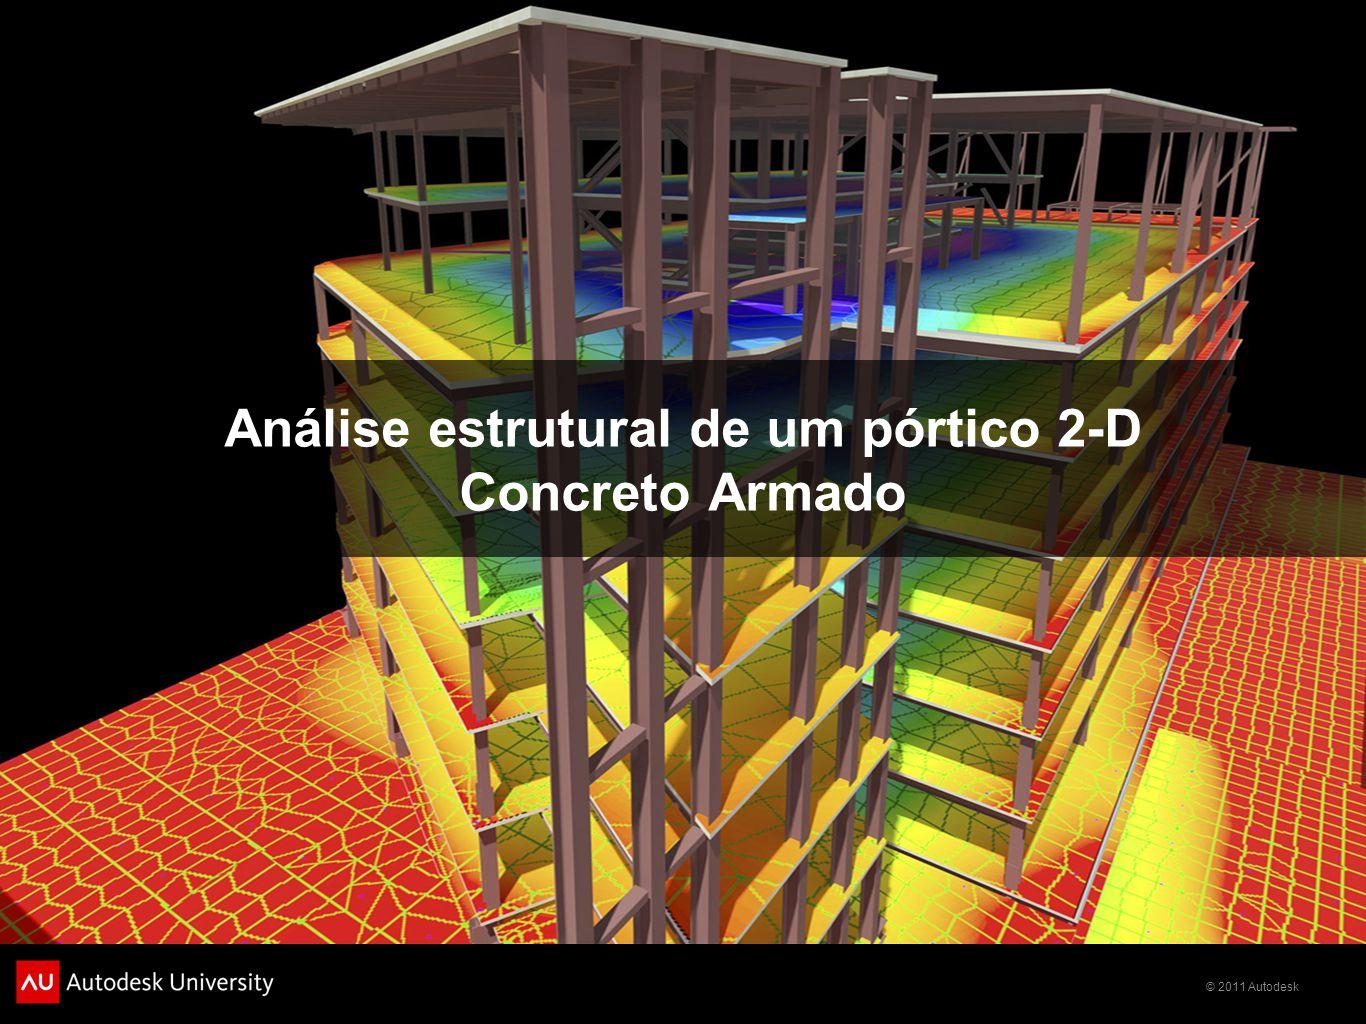 Análise estrutural de um pórtico 2-D Concreto Armado